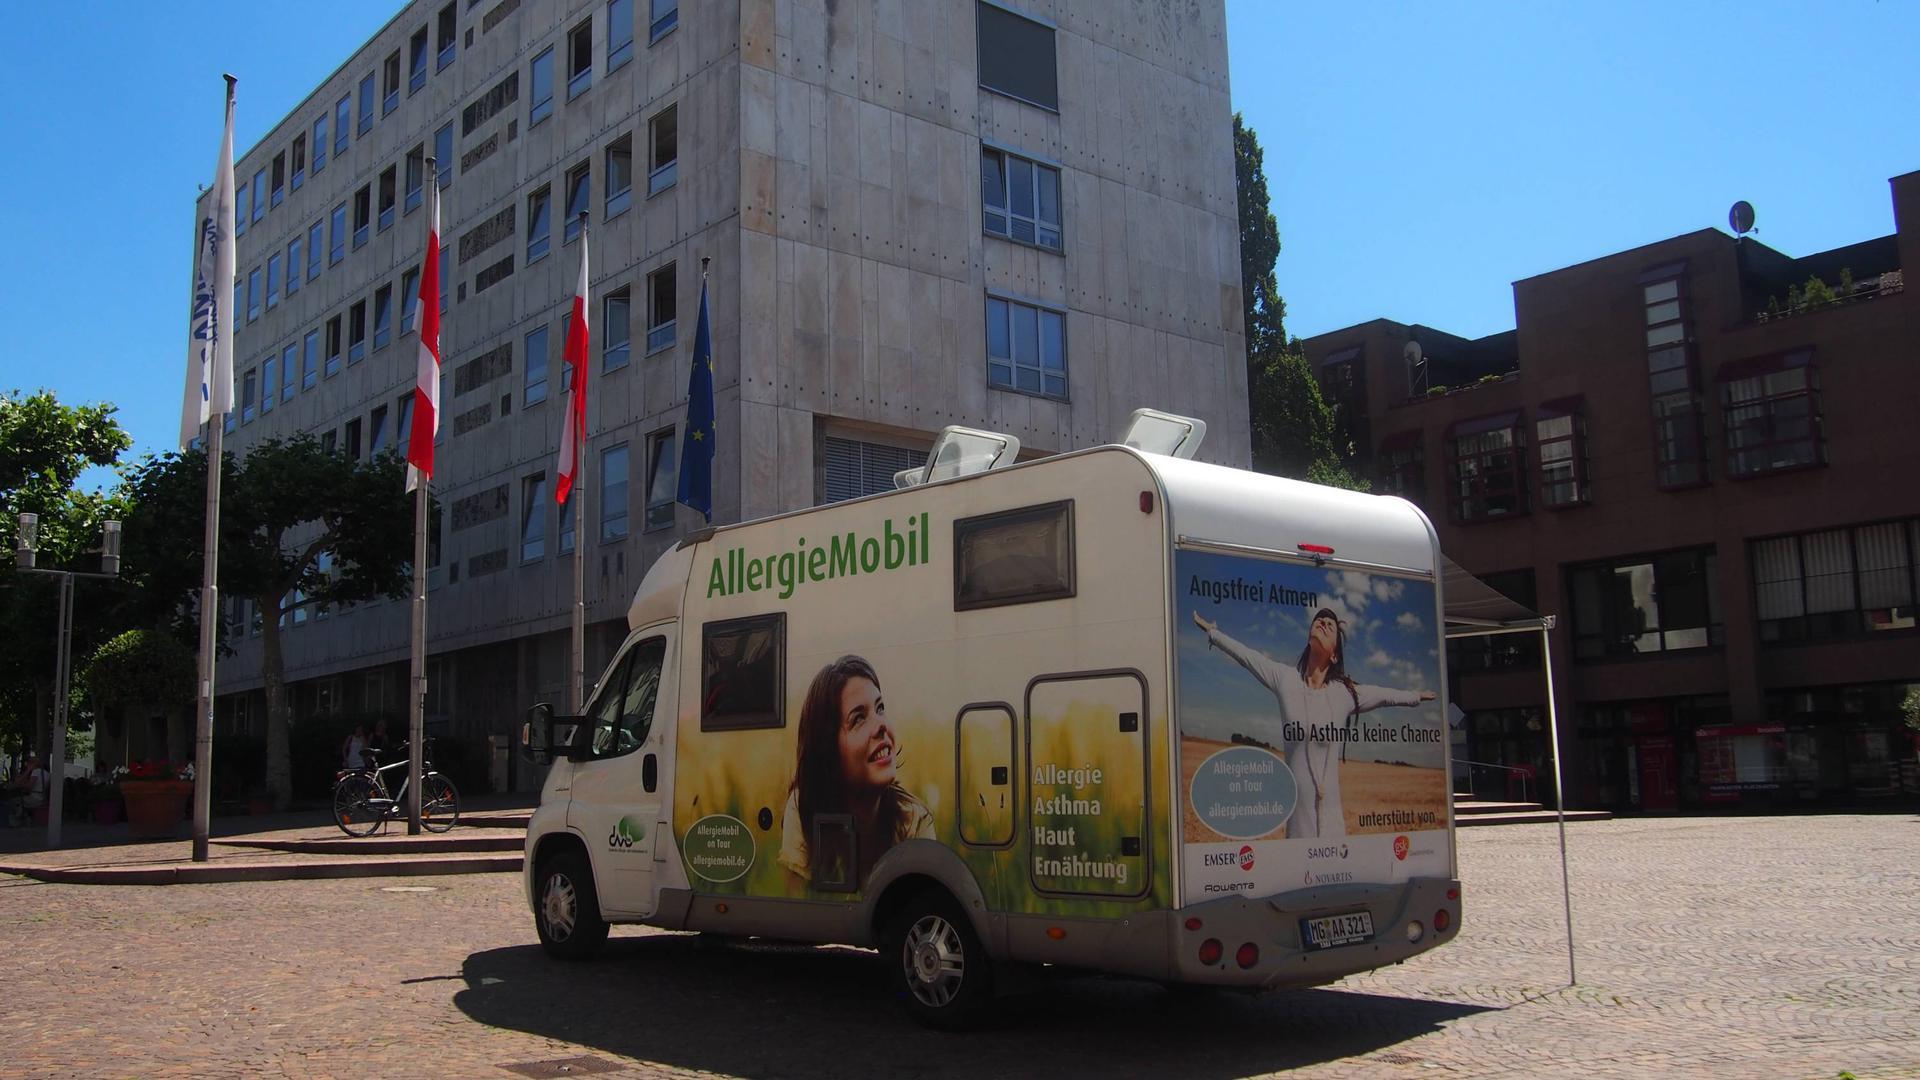 Auf dem Marktplatz in Gaggenau werden Bürger beispielsweise über Asthma informiert. Das Fahrzeug des Deutschen Allergie- und Asthmabunds ist deutschlandweit unterwegs.